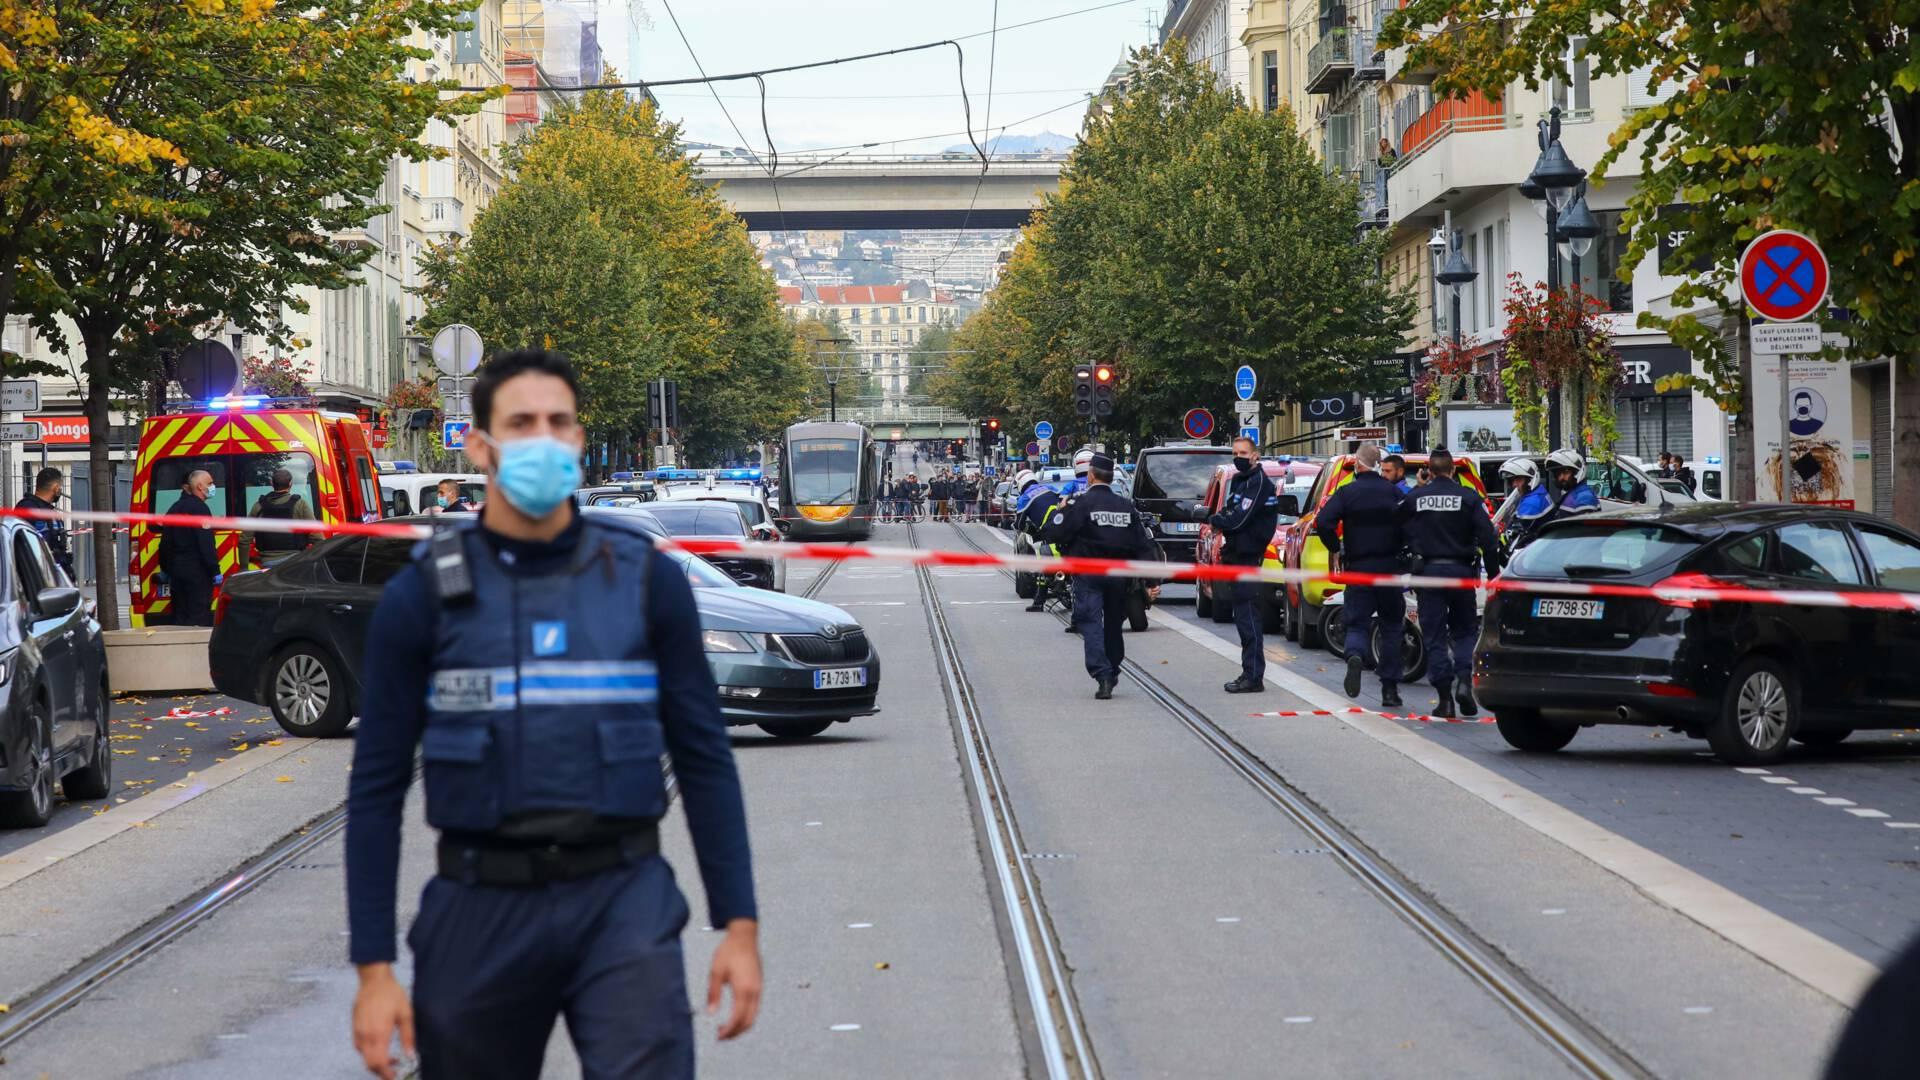 قتلى في هجوم بسكين قرب كنيسة Notre-Dame في مدينة Nice الفرنسية